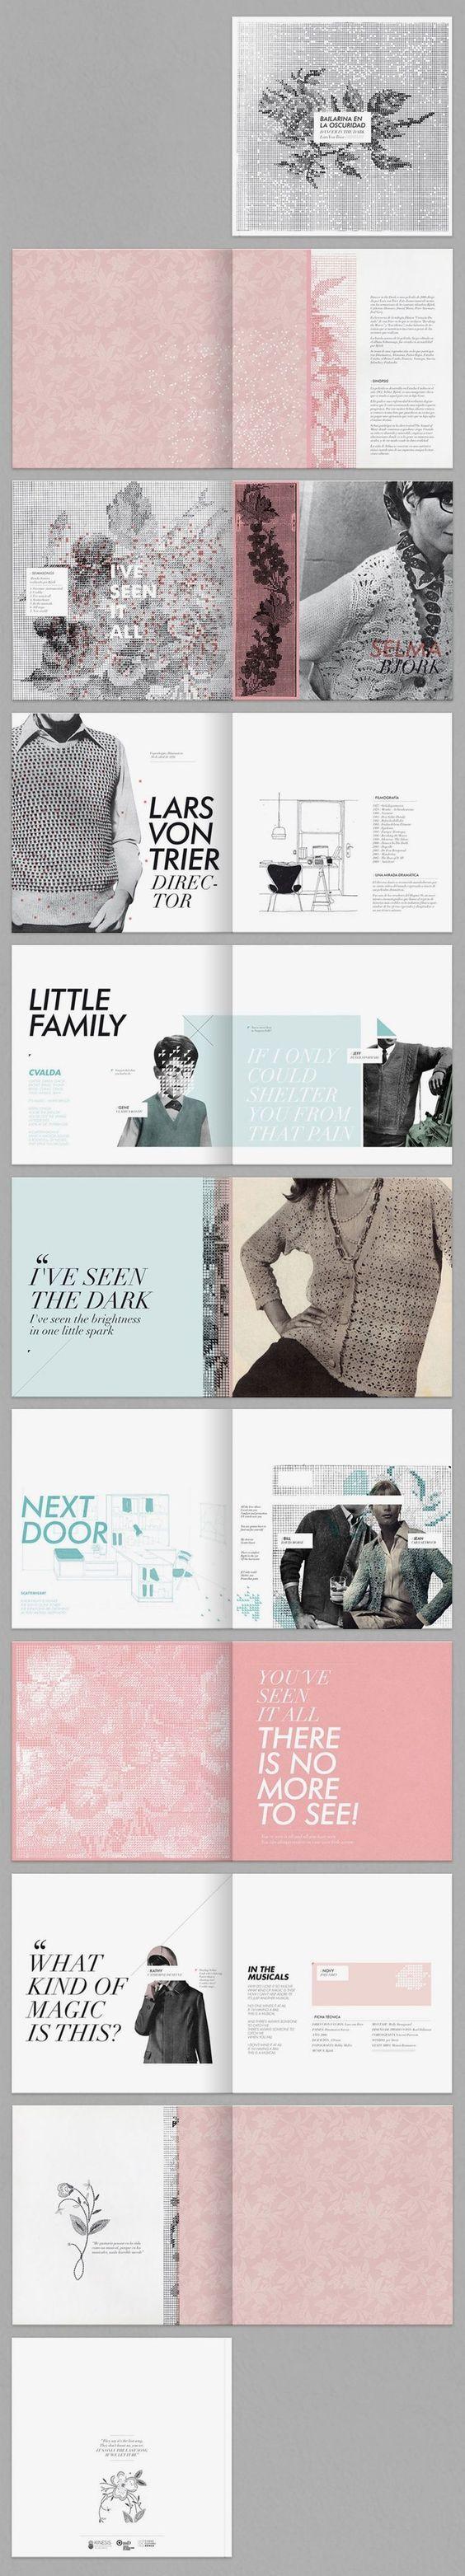 Layout Design` / Karina Cukierman / Dancer in the Dark #graphic #design #editorial::